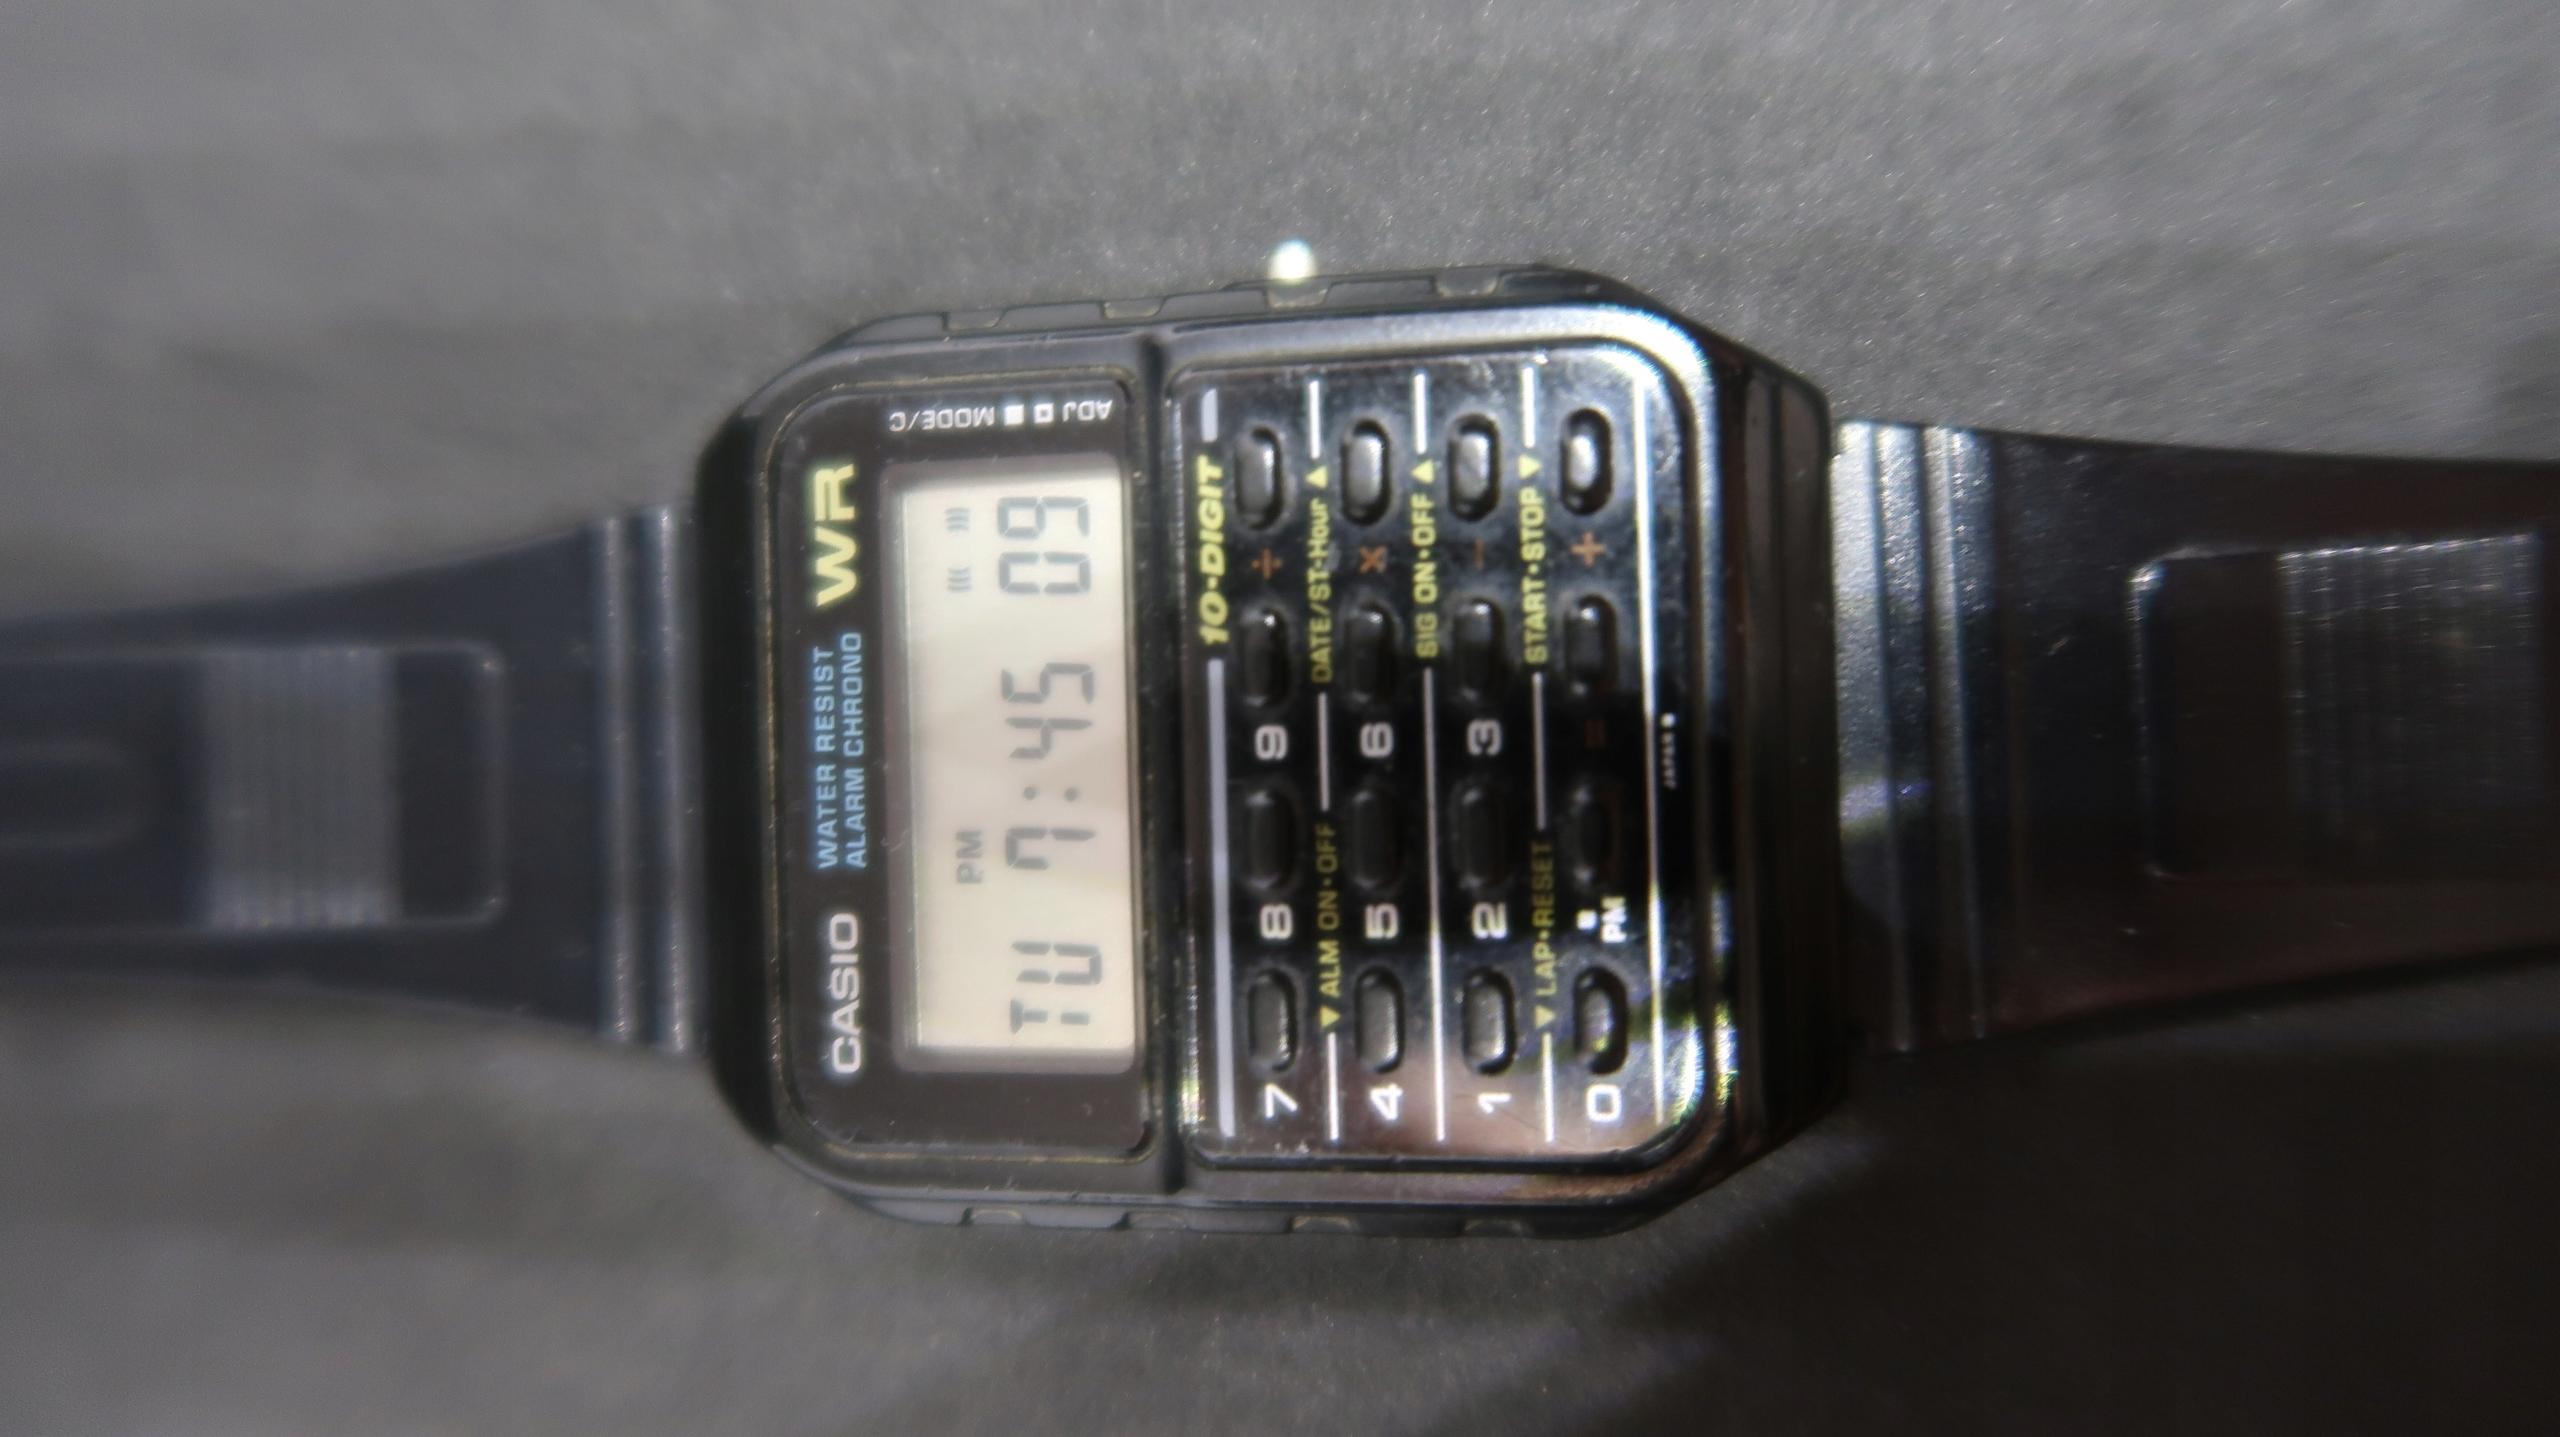 zegarek casio kalkulator